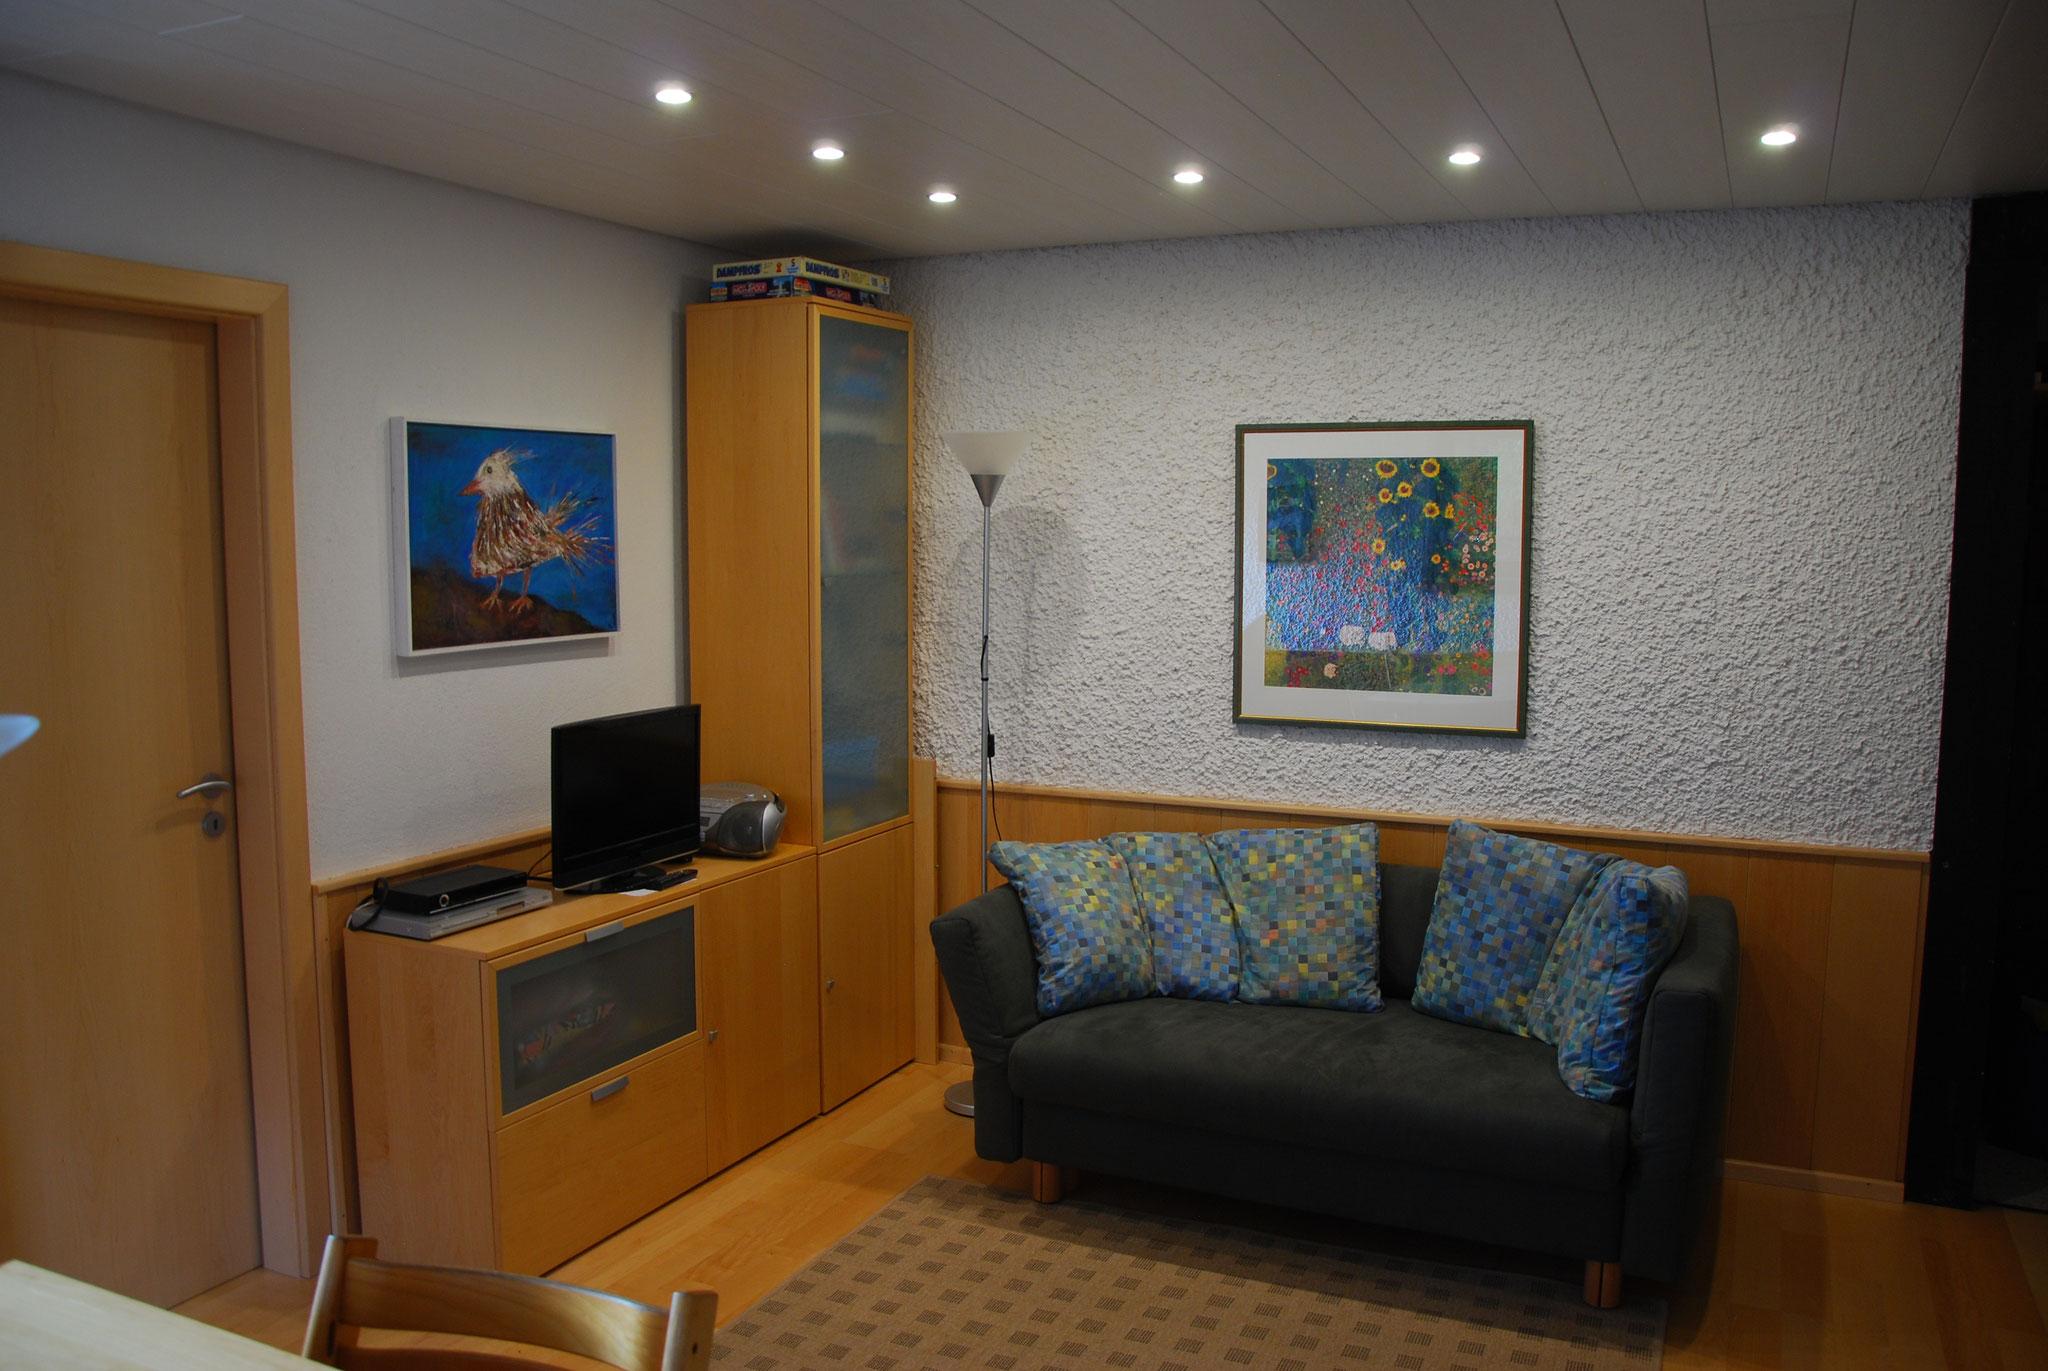 Der Wohnbereich mit Sofa und Fernseher